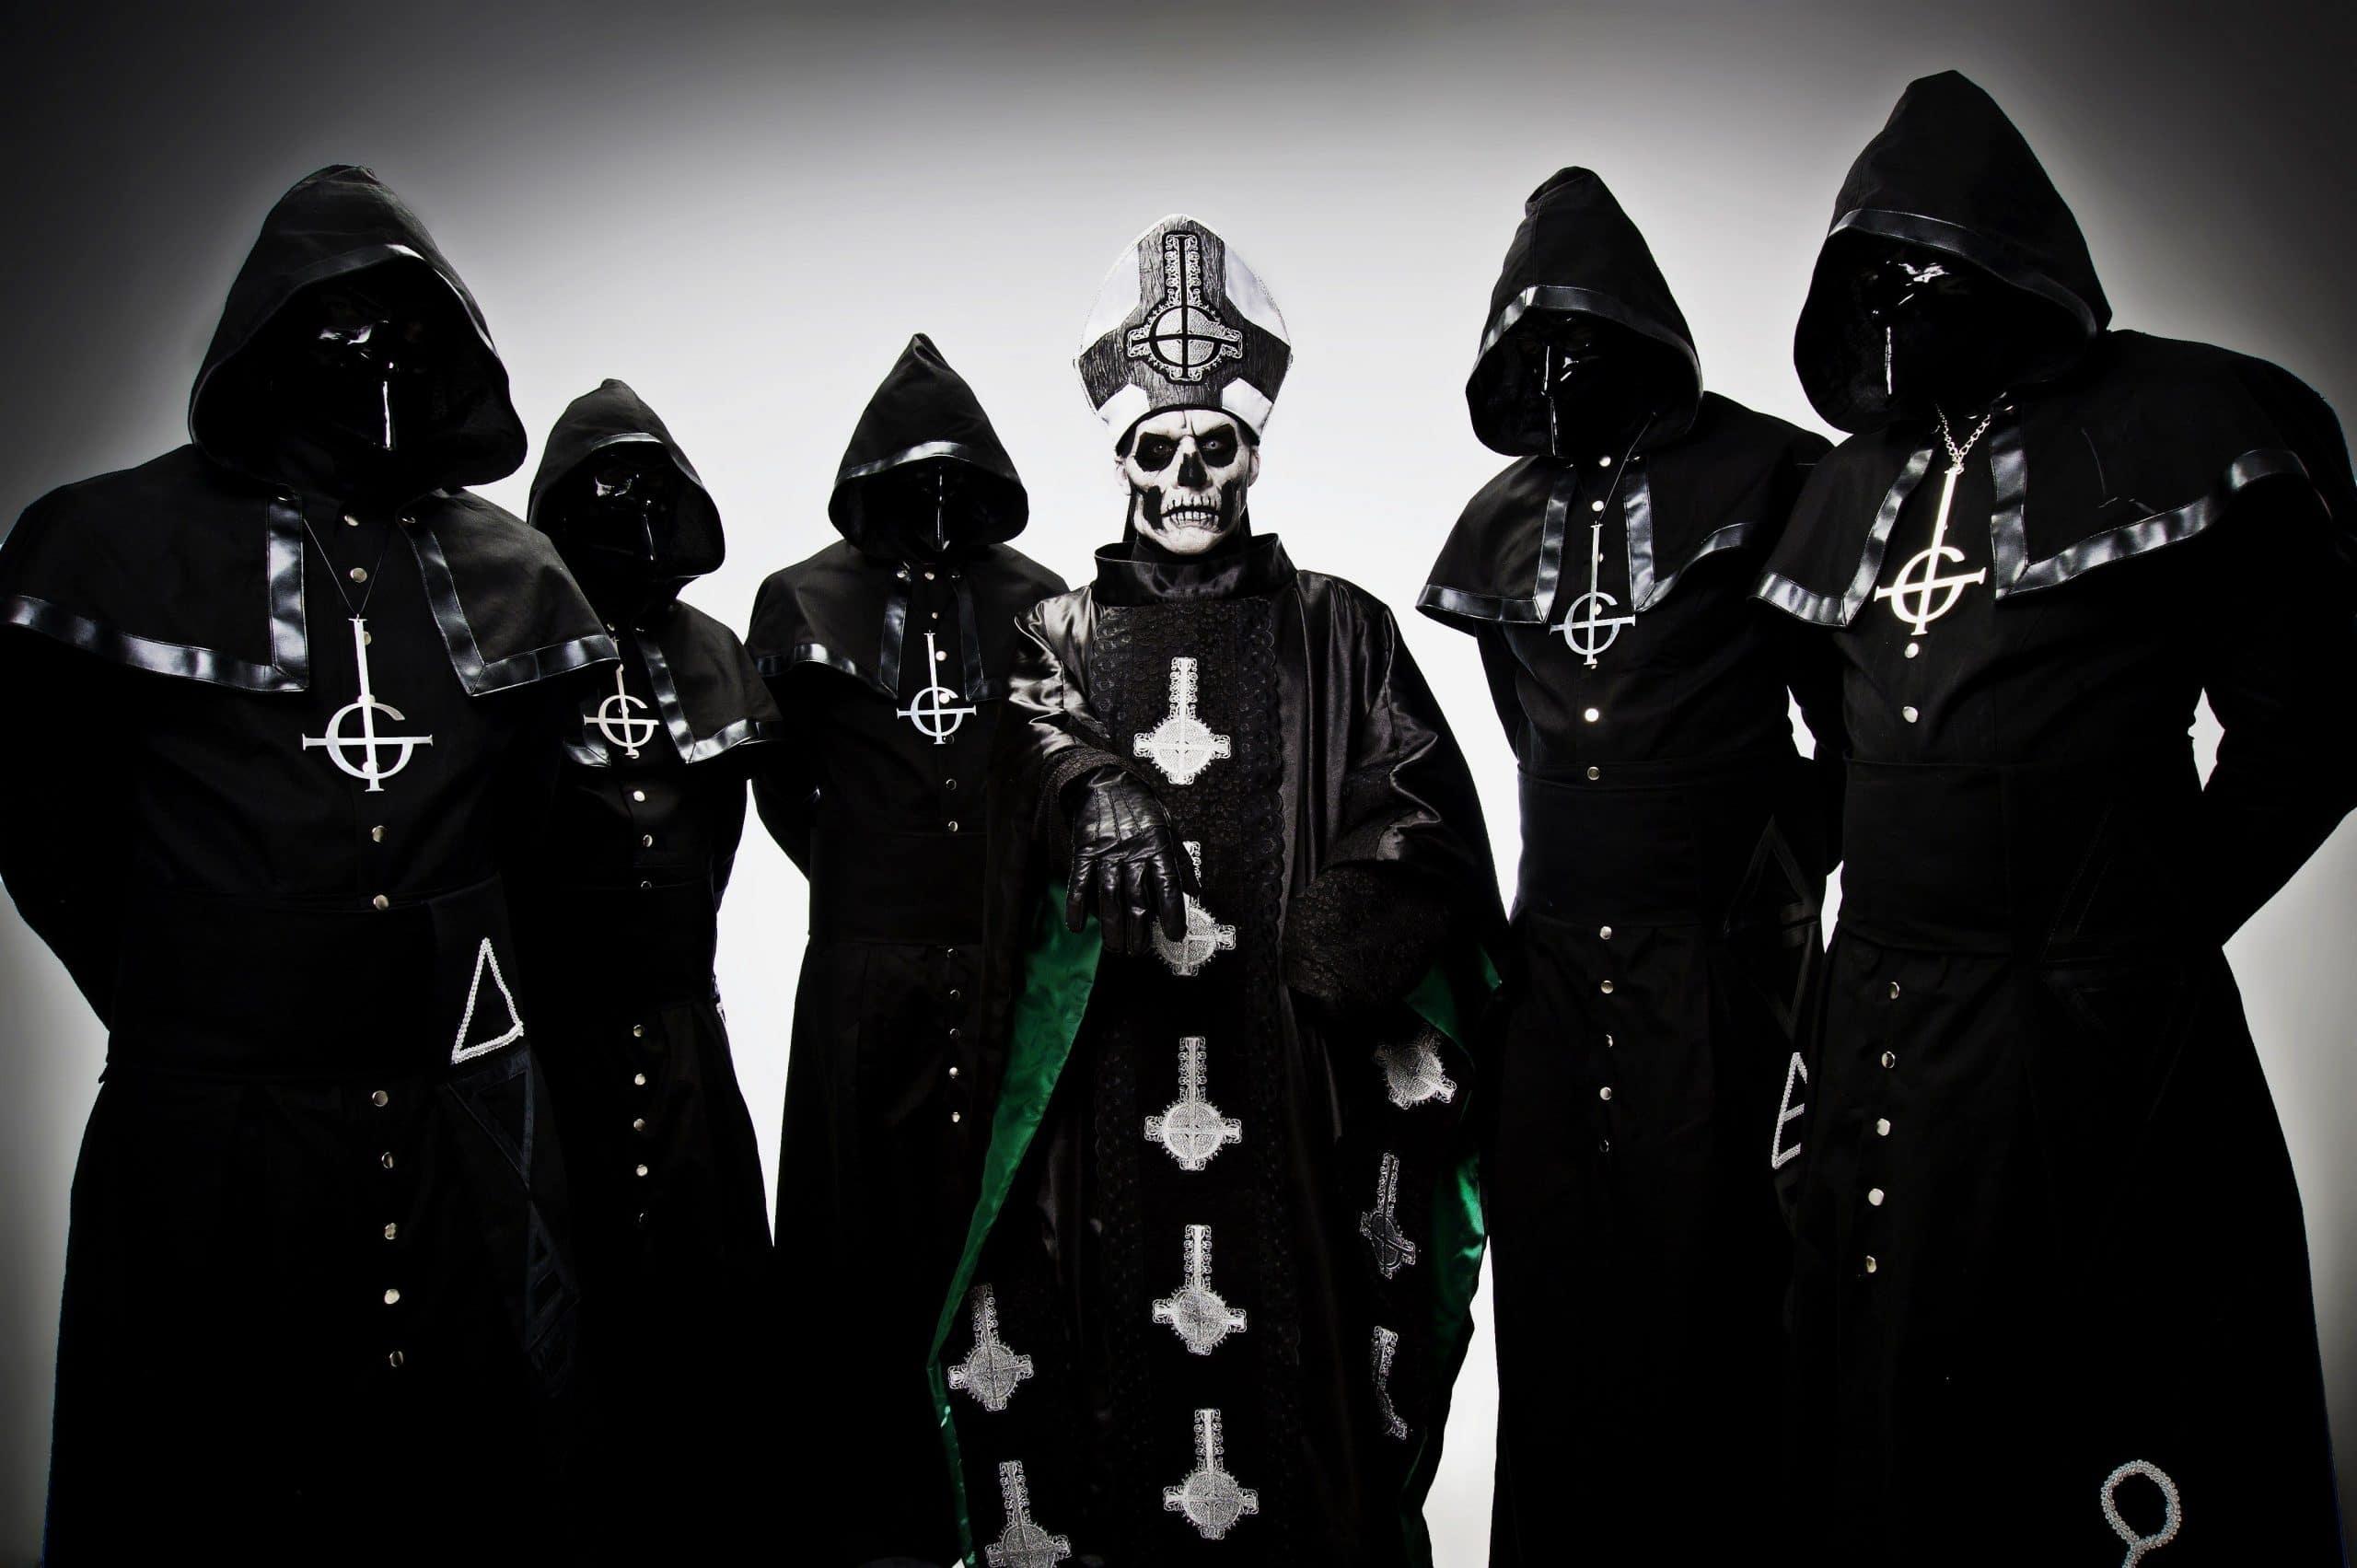 Selección de discos de Día de muertos por Perro Negro